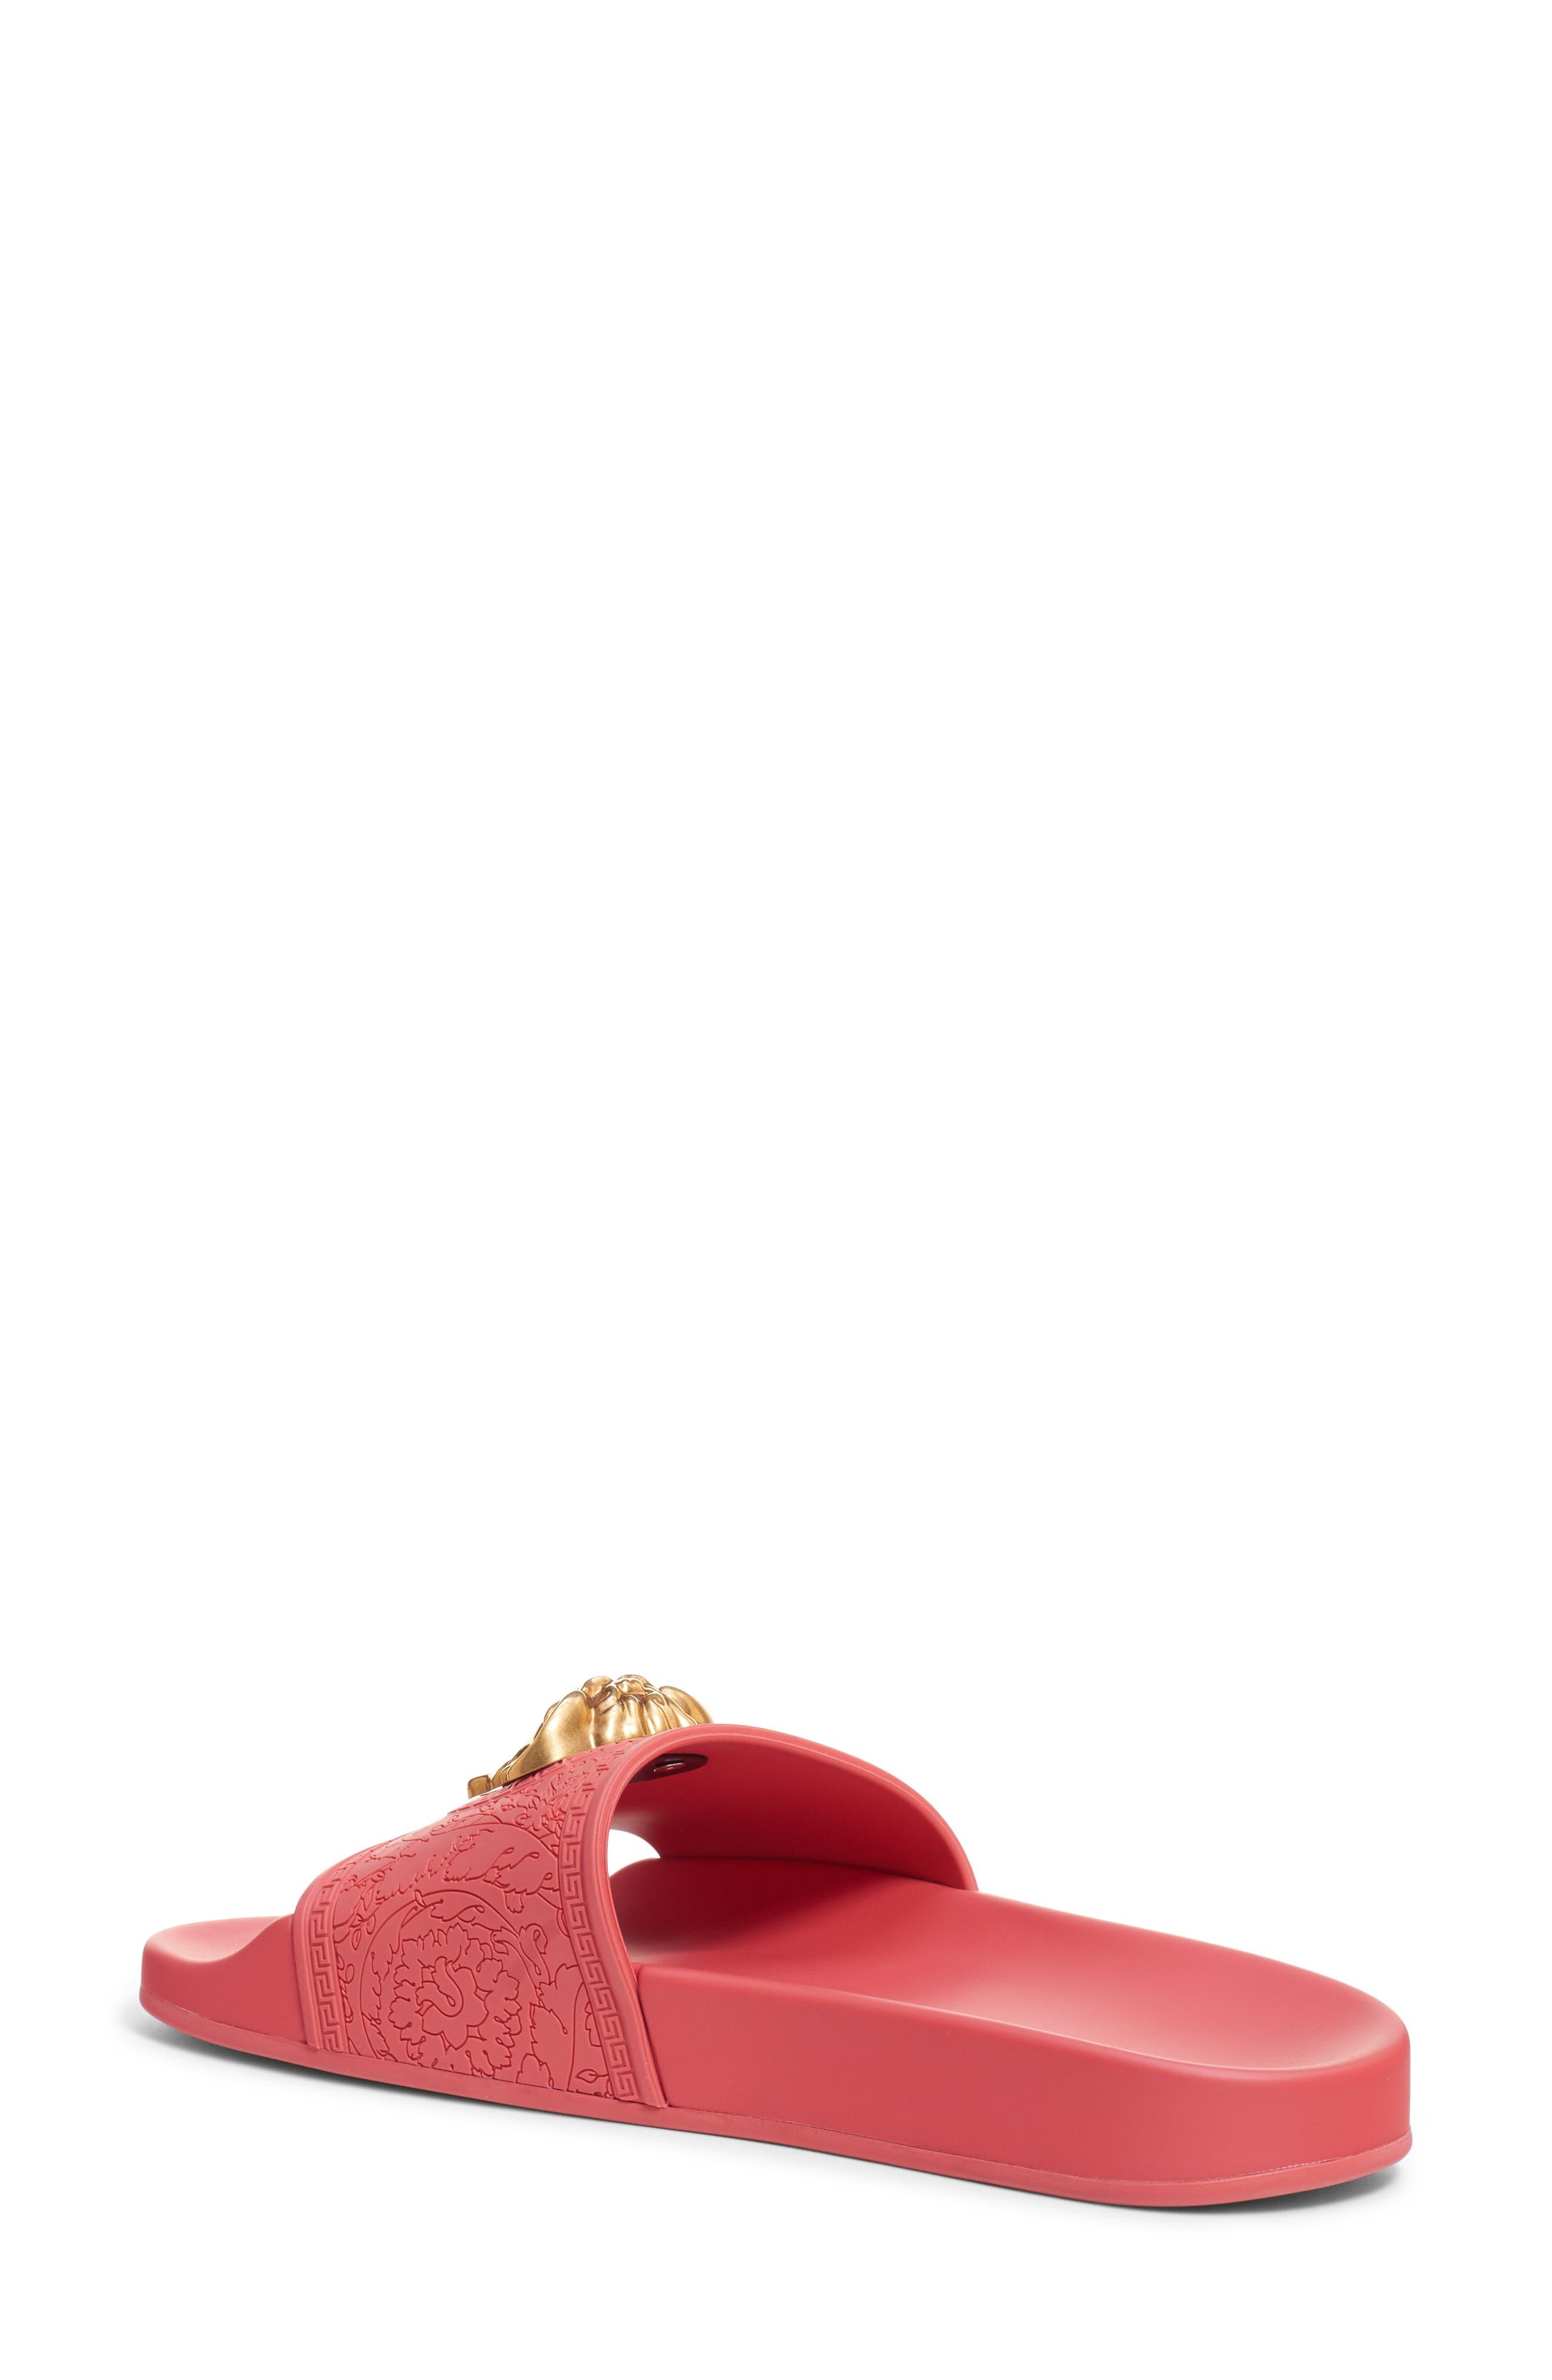 4041c4ecd1d icon sandals for women